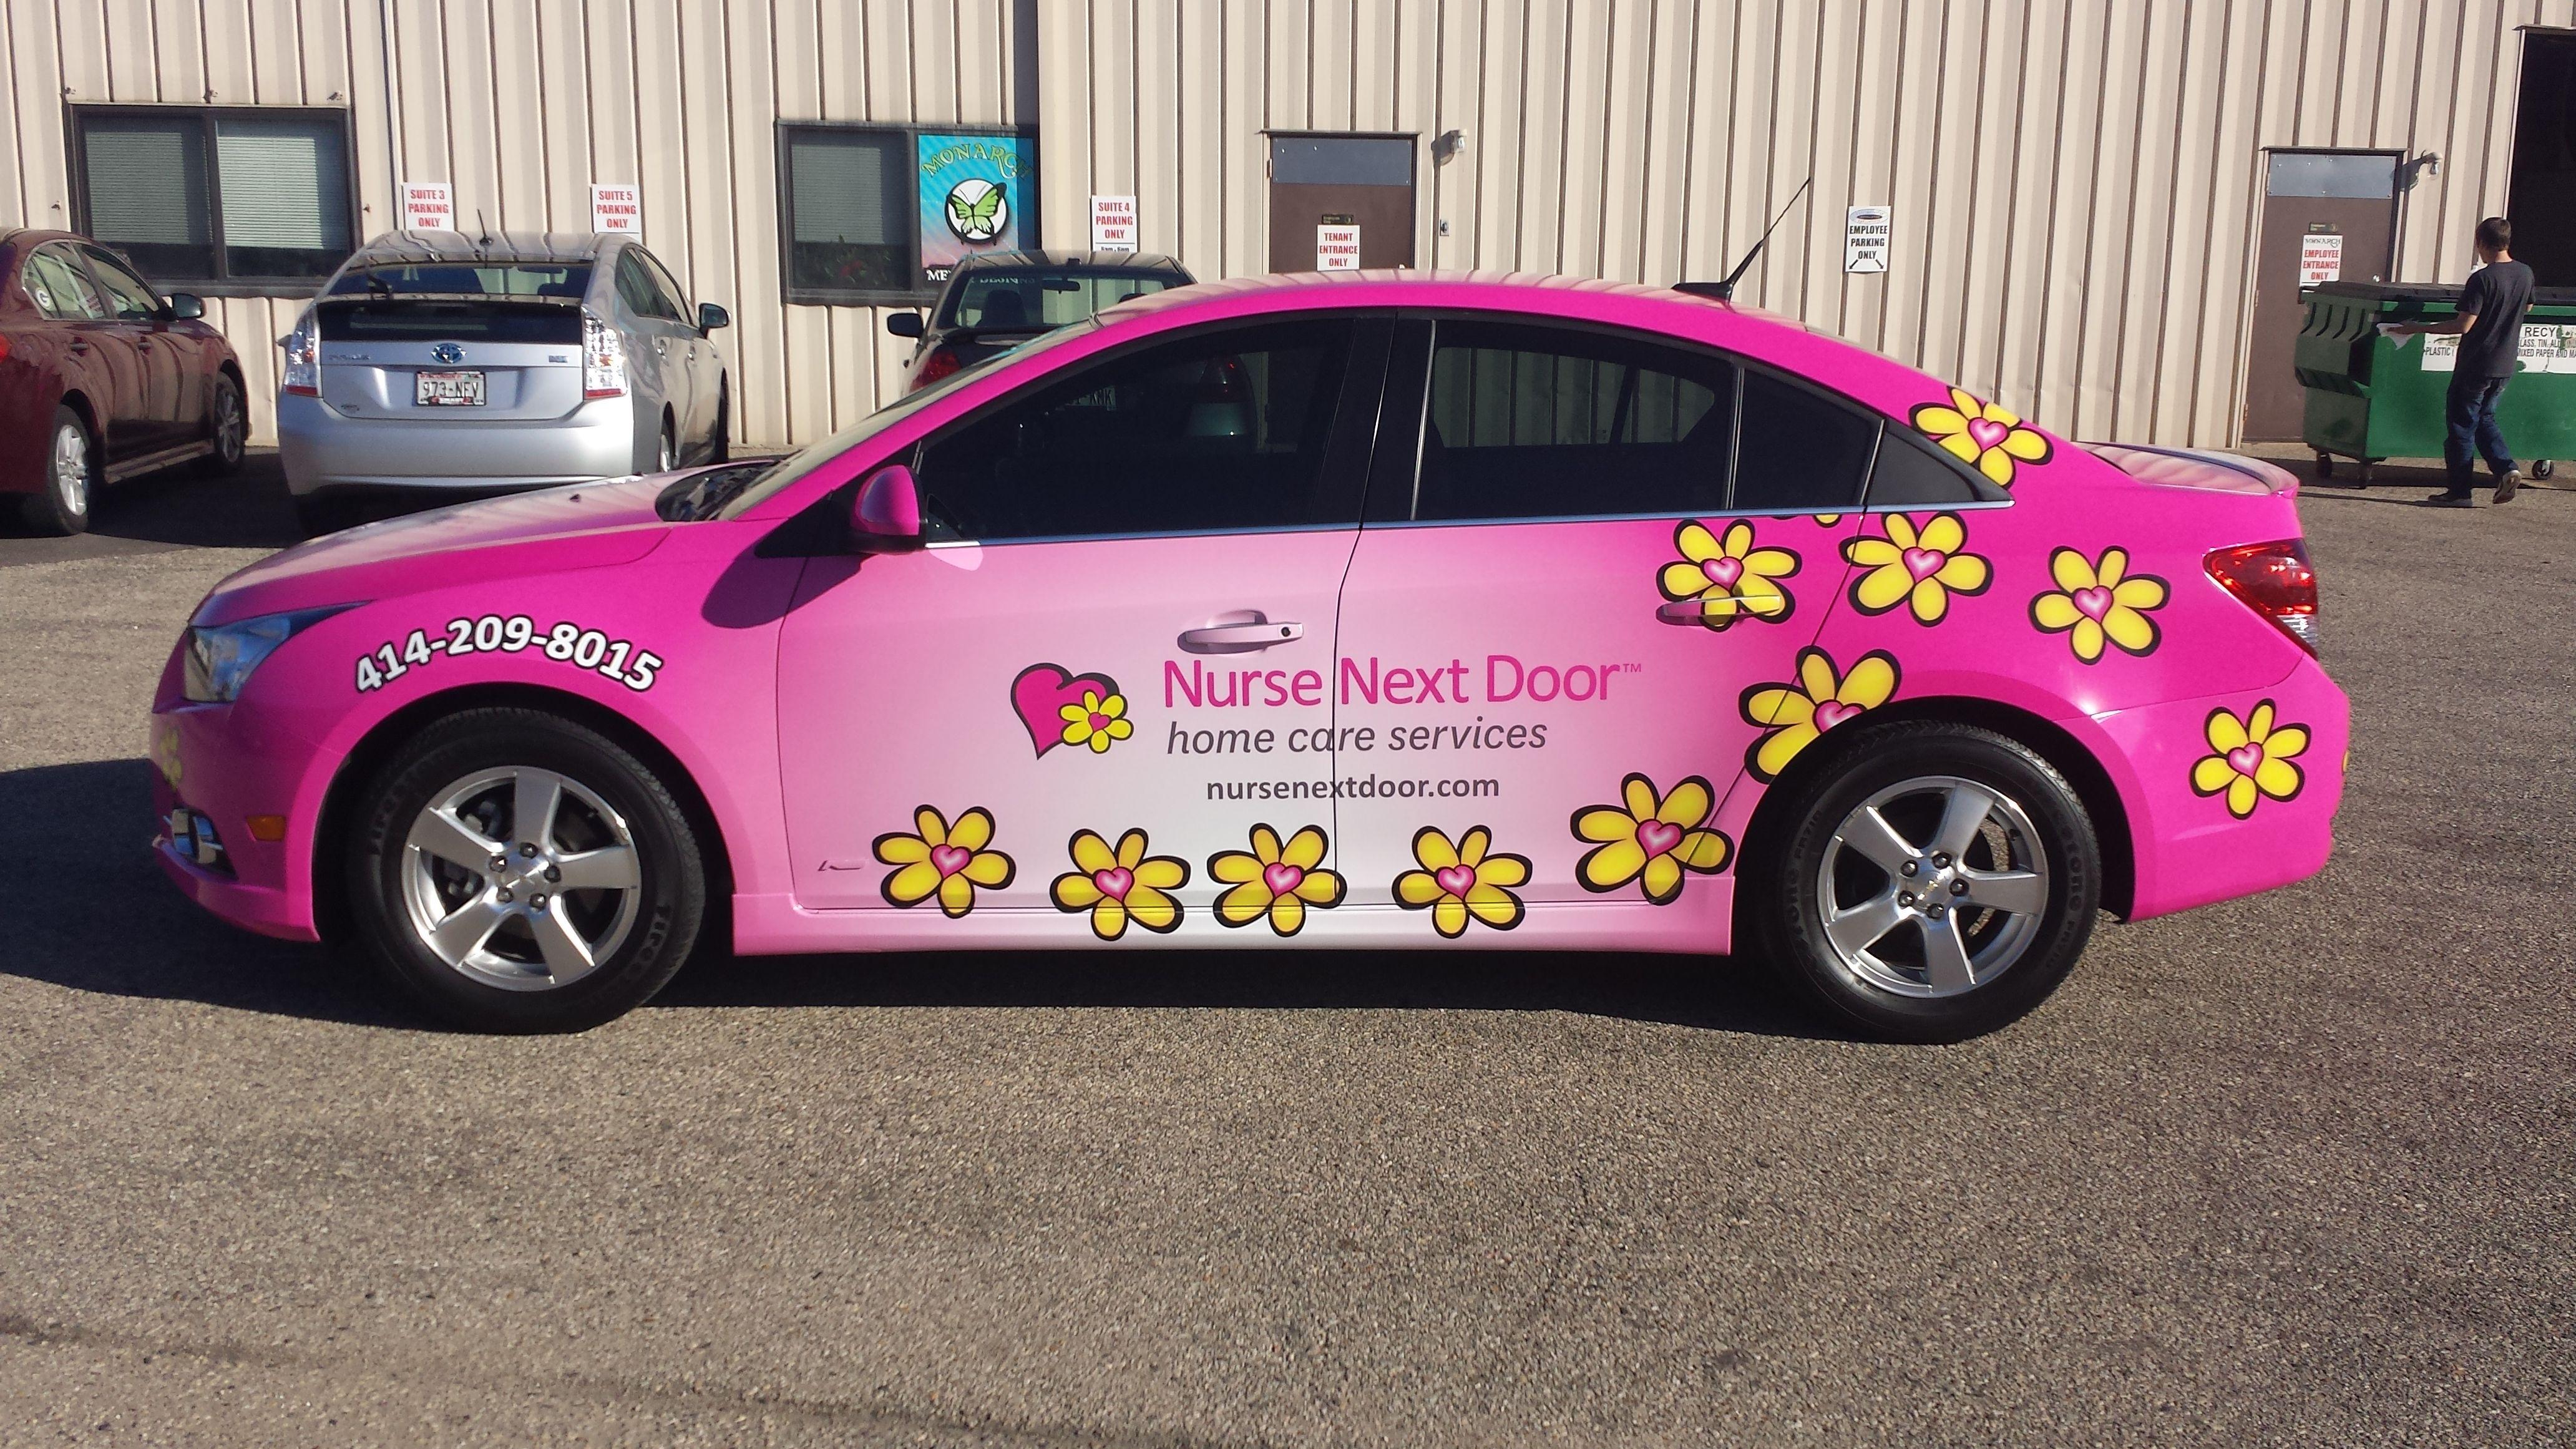 Nurse Next Door Vehicle Wrap Done By Monarch Media Designs In